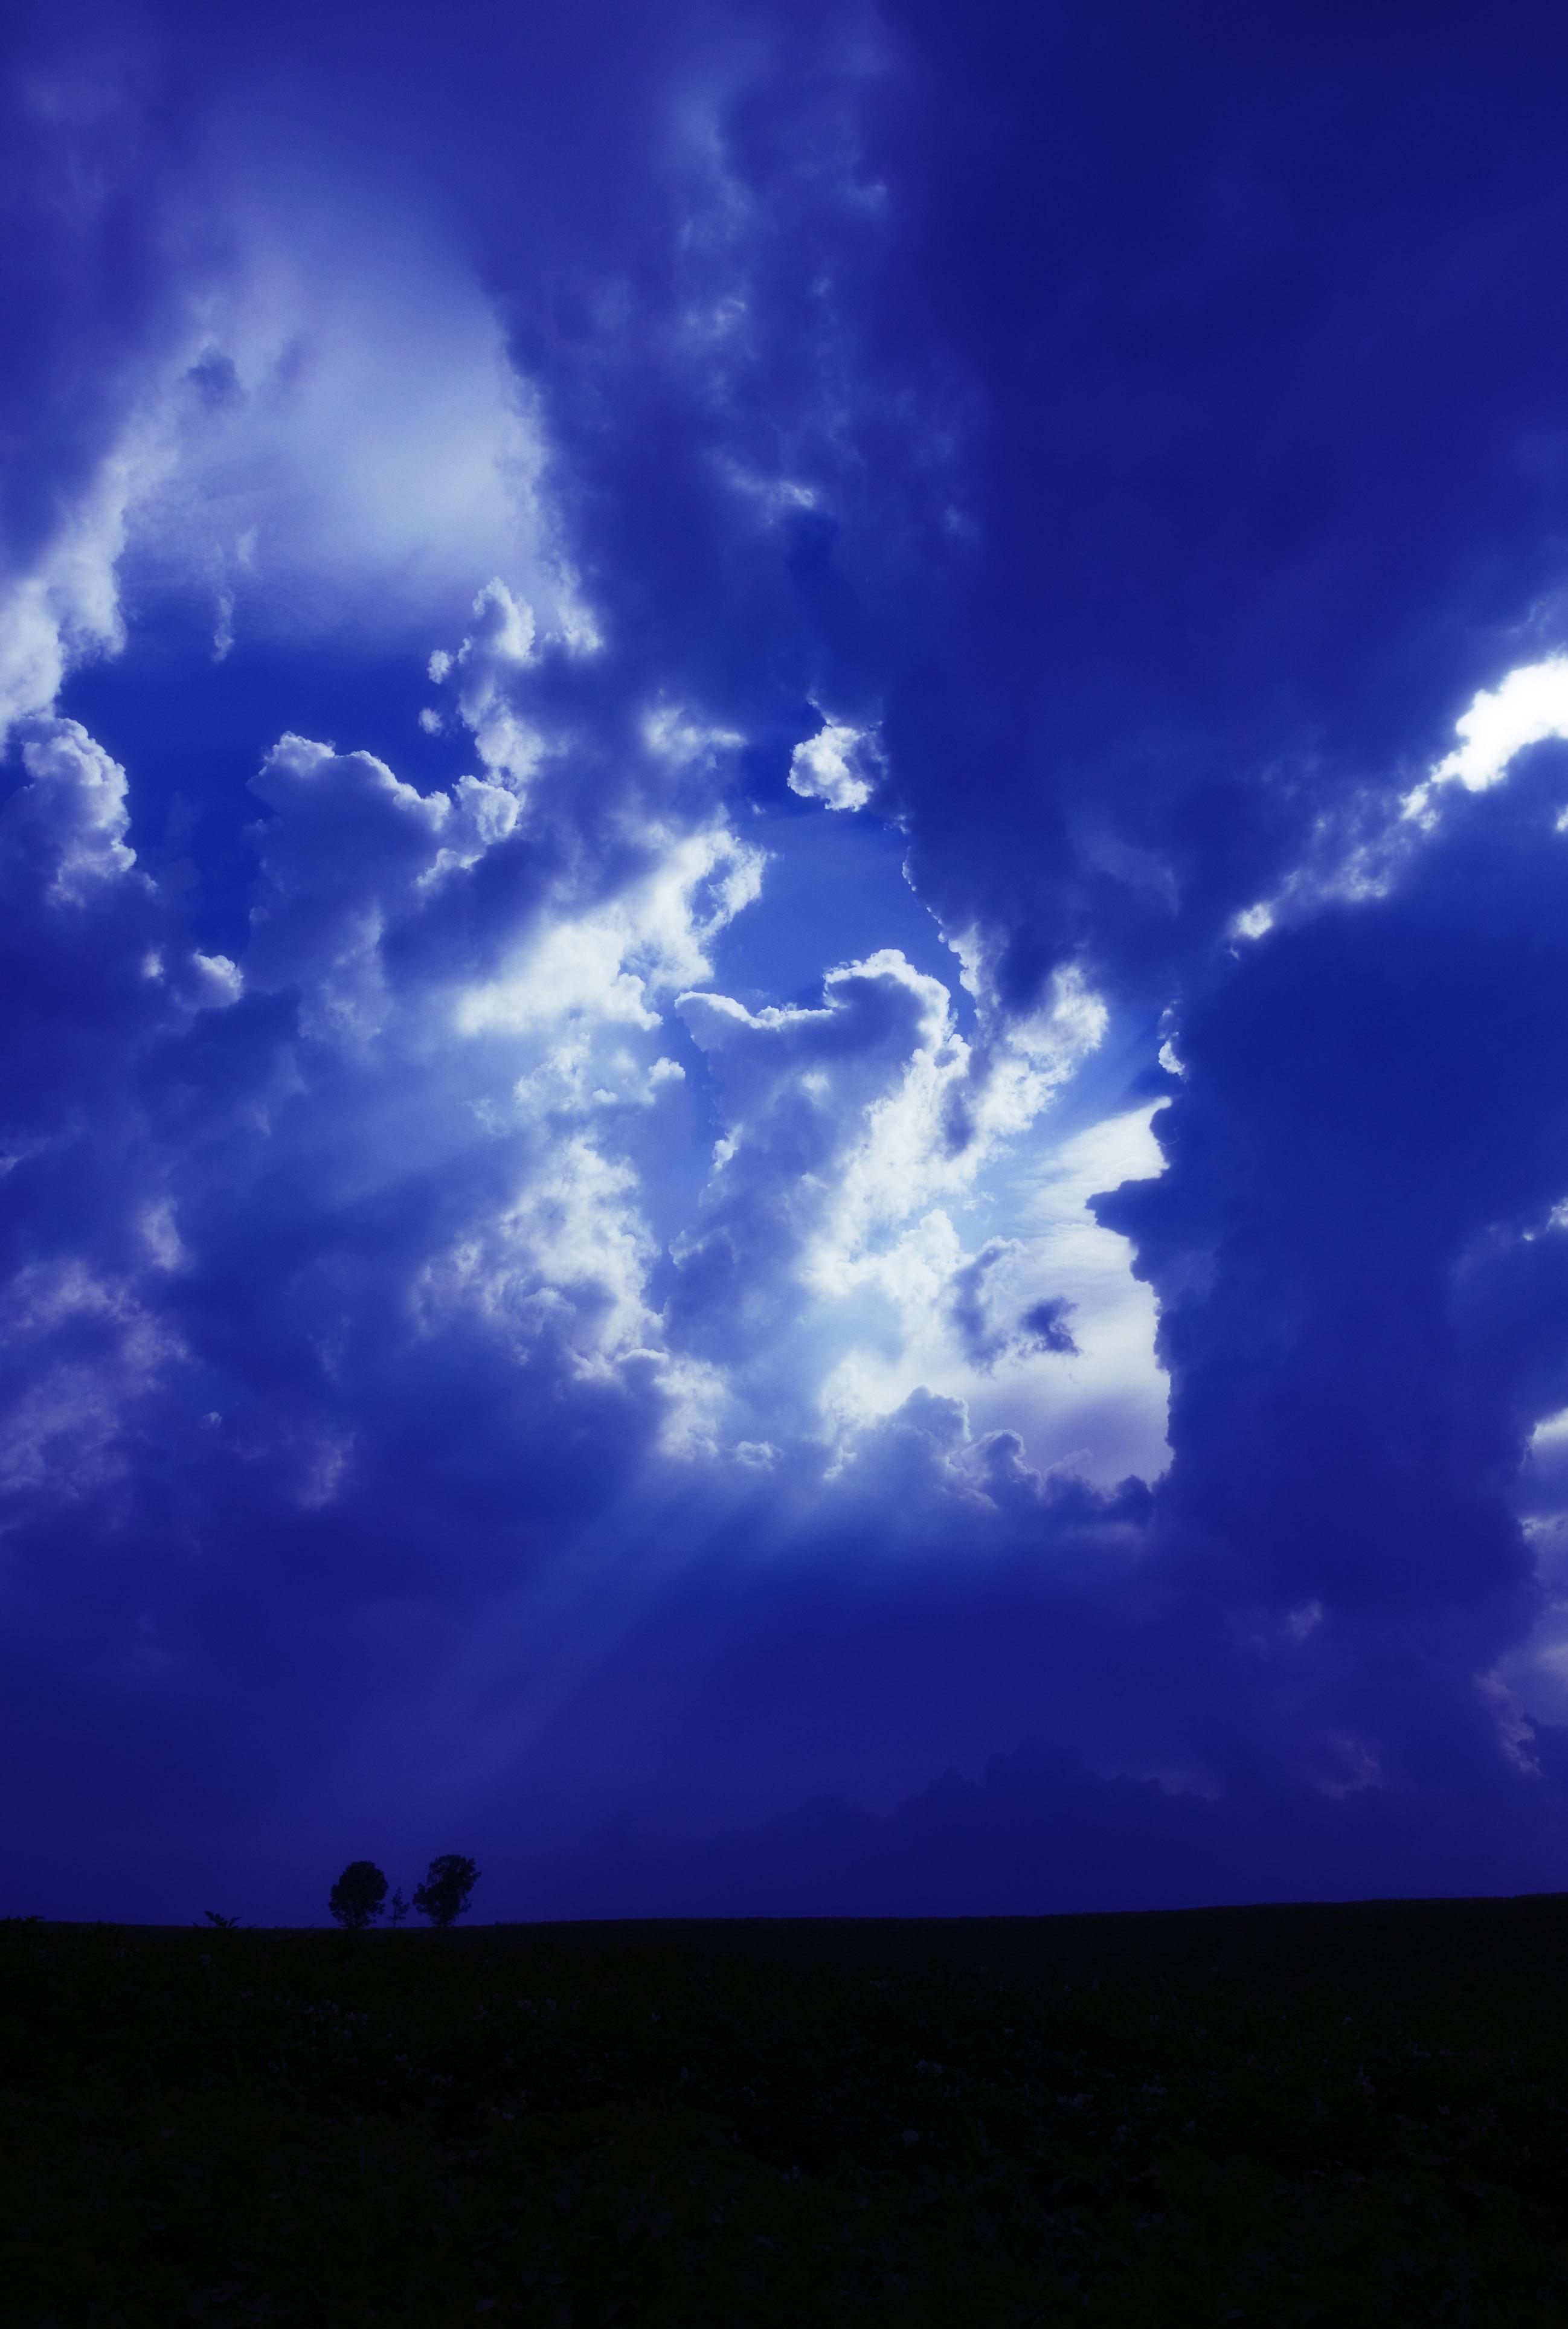 写真,素材,無料,フリー,フォト,クリエイティブ・コモンズ,風景,壁紙,福音の光, 雲, 光筋, 天の声, 並木